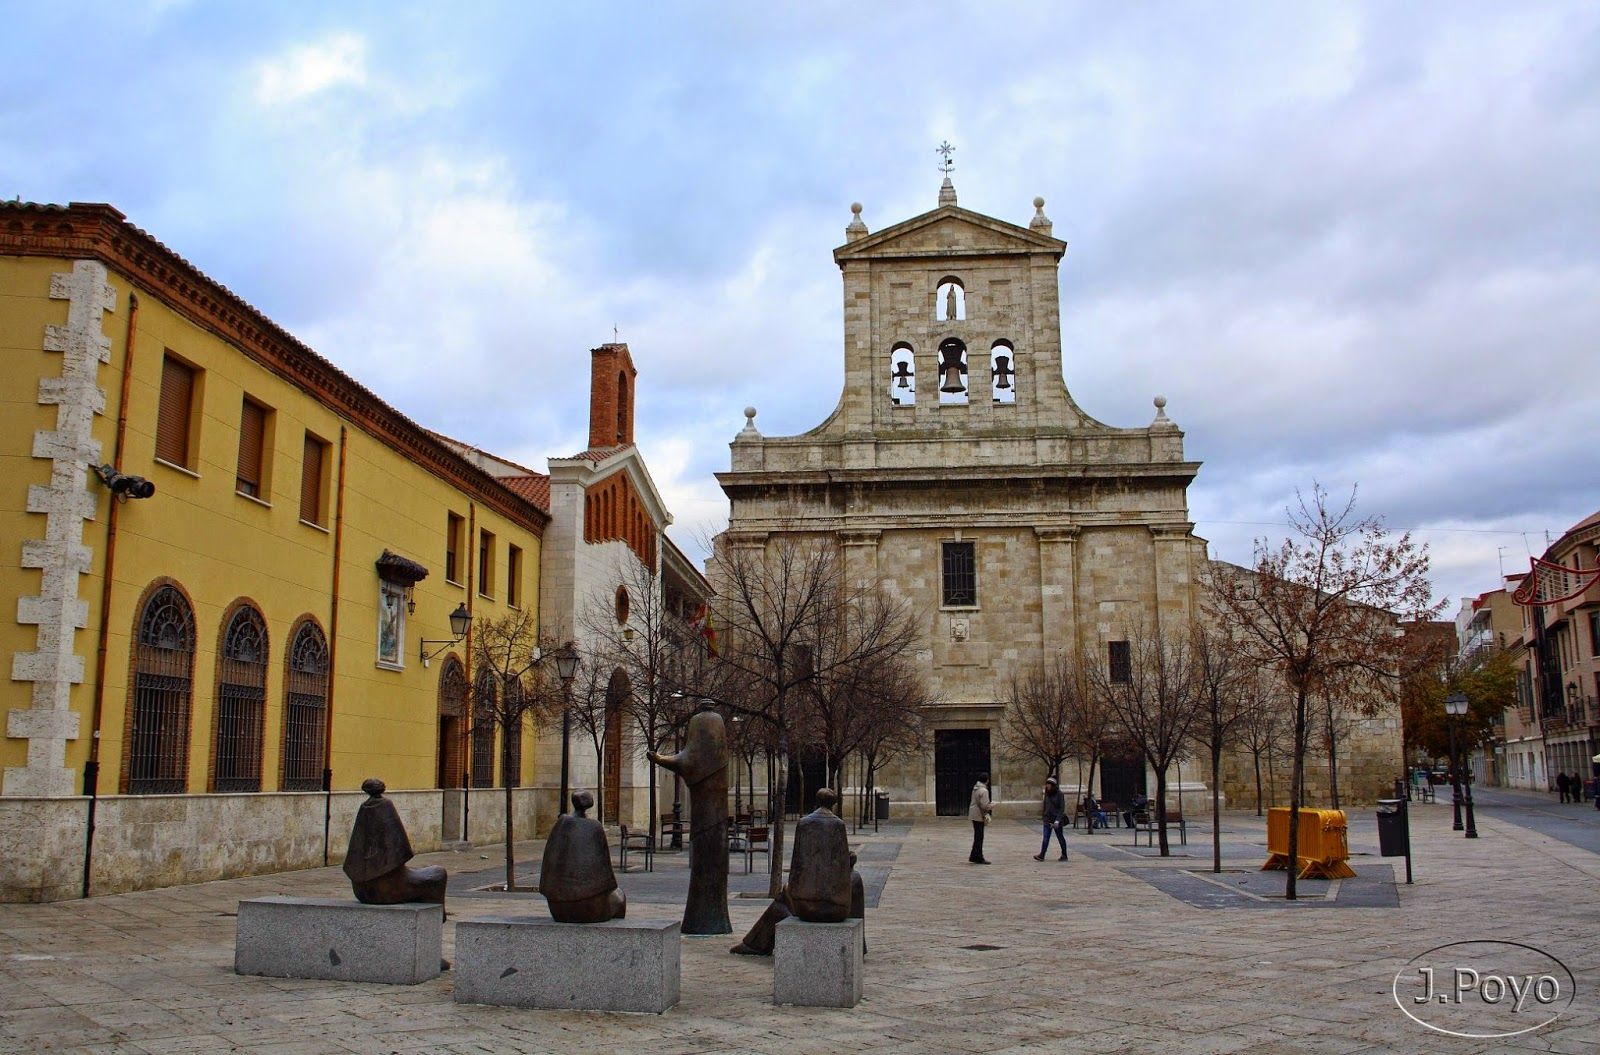 Convento de San Pablo de Palencia